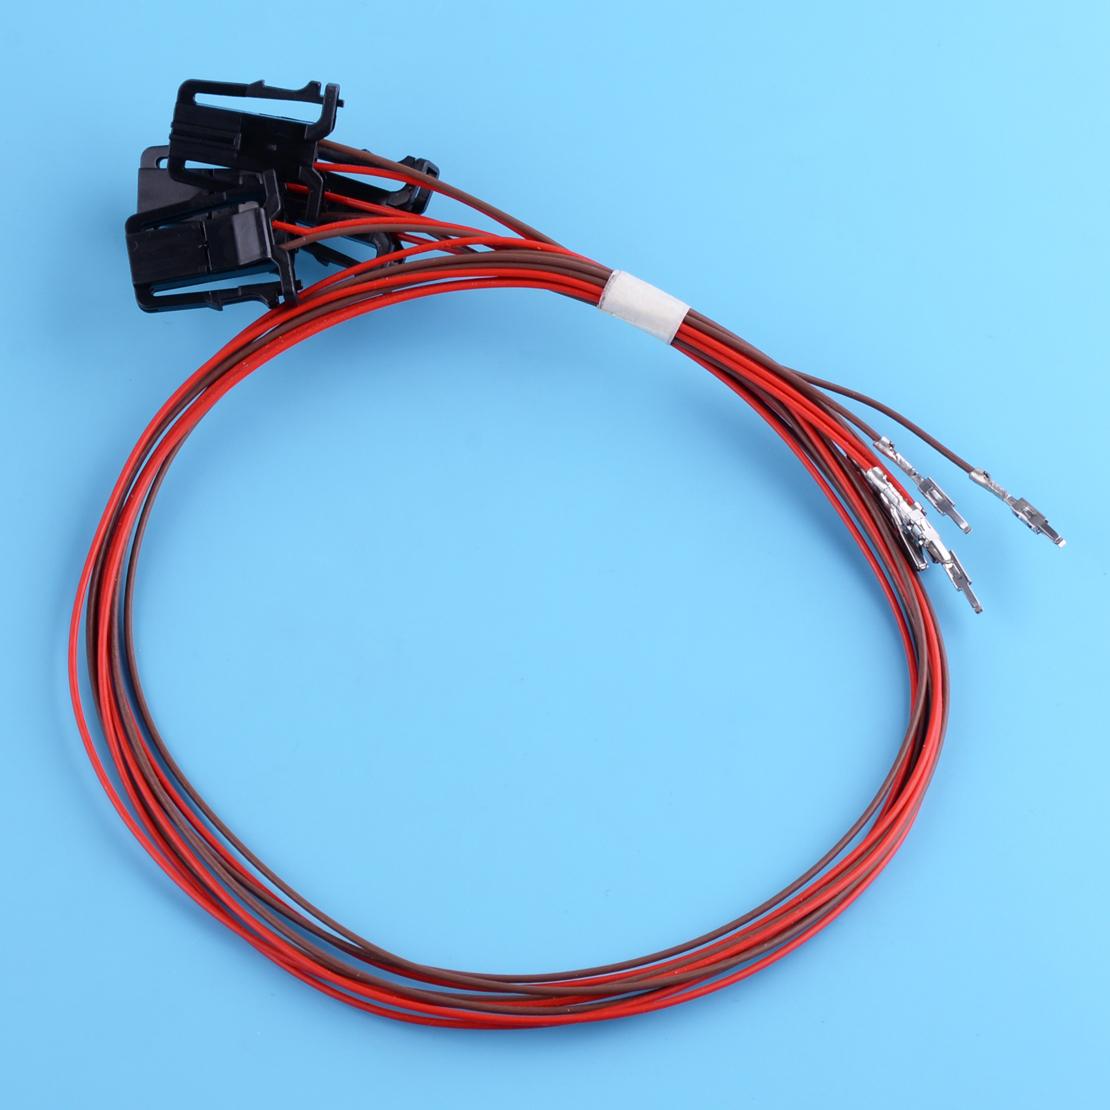 4Pcs Door Light Harness Cable 3AD947411 for VW Passat B6 7 CC Tiguan ...